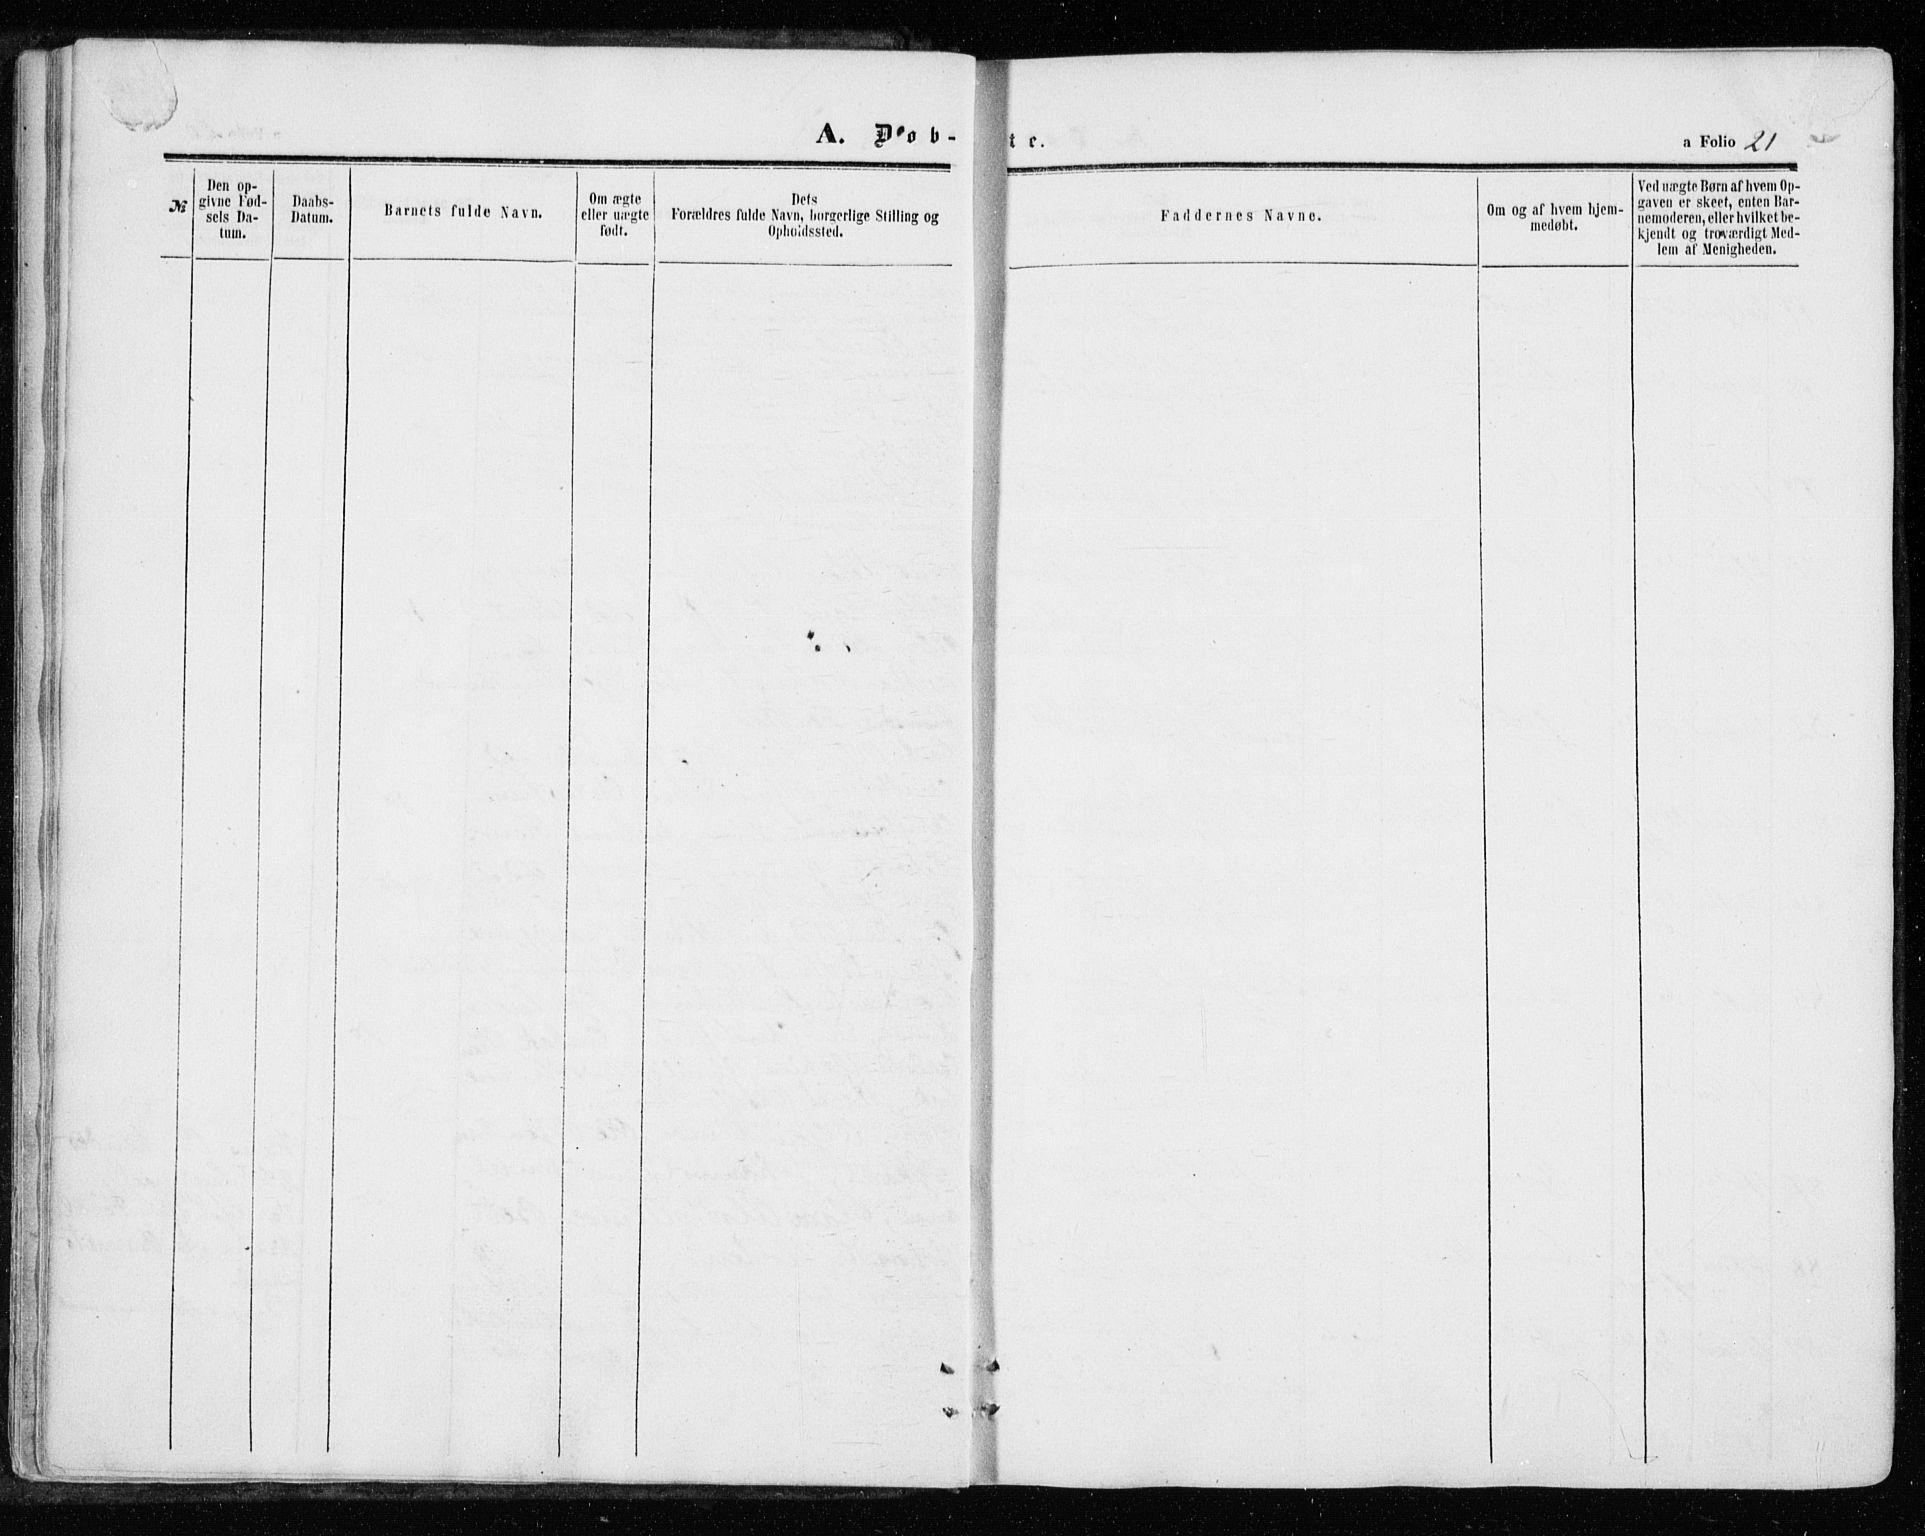 SAT, Ministerialprotokoller, klokkerbøker og fødselsregistre - Sør-Trøndelag, 646/L0612: Ministerialbok nr. 646A10, 1858-1869, s. 21